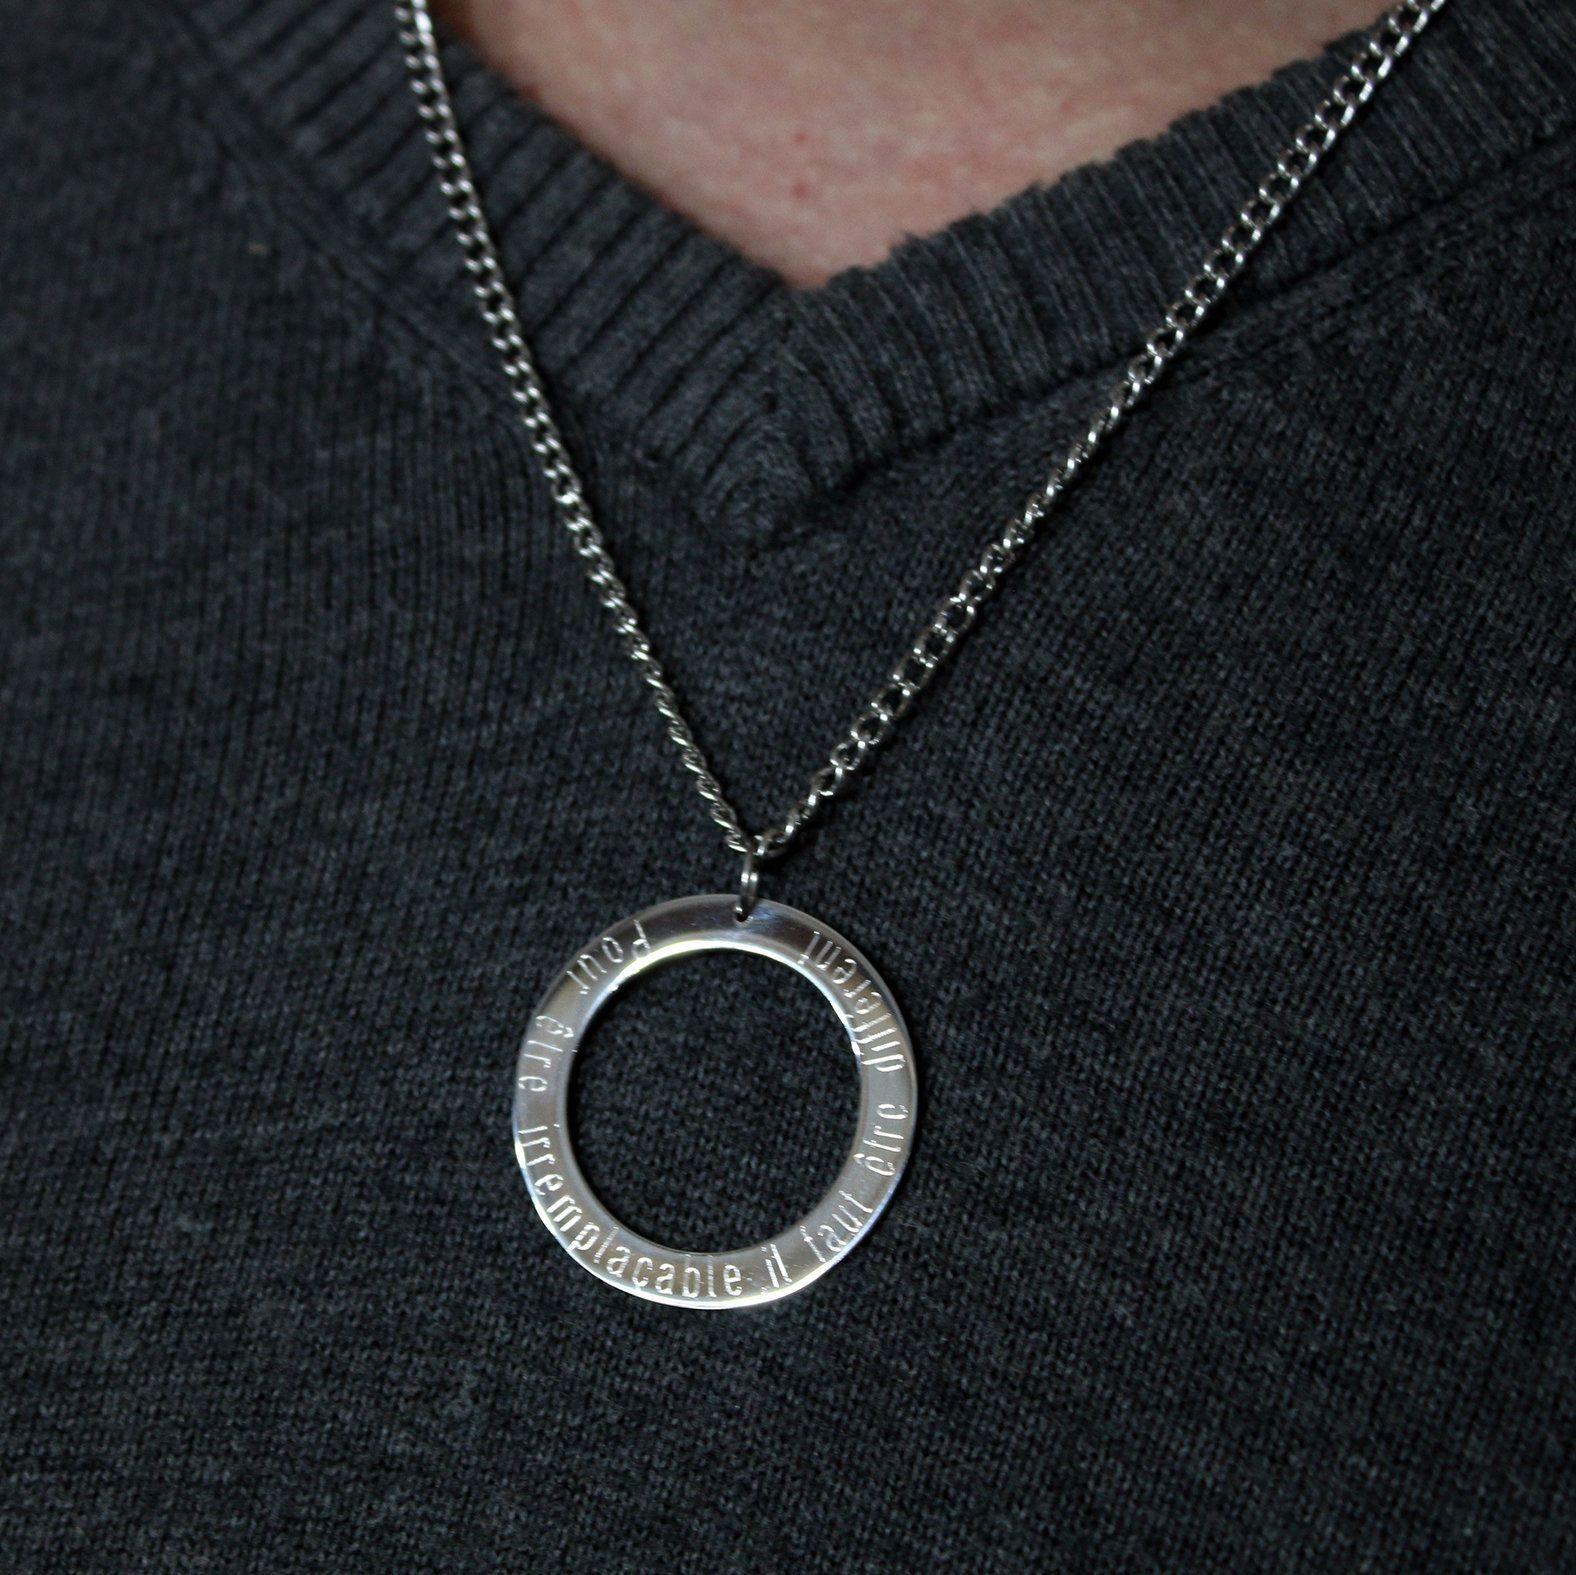 collier long avec pendentif homme